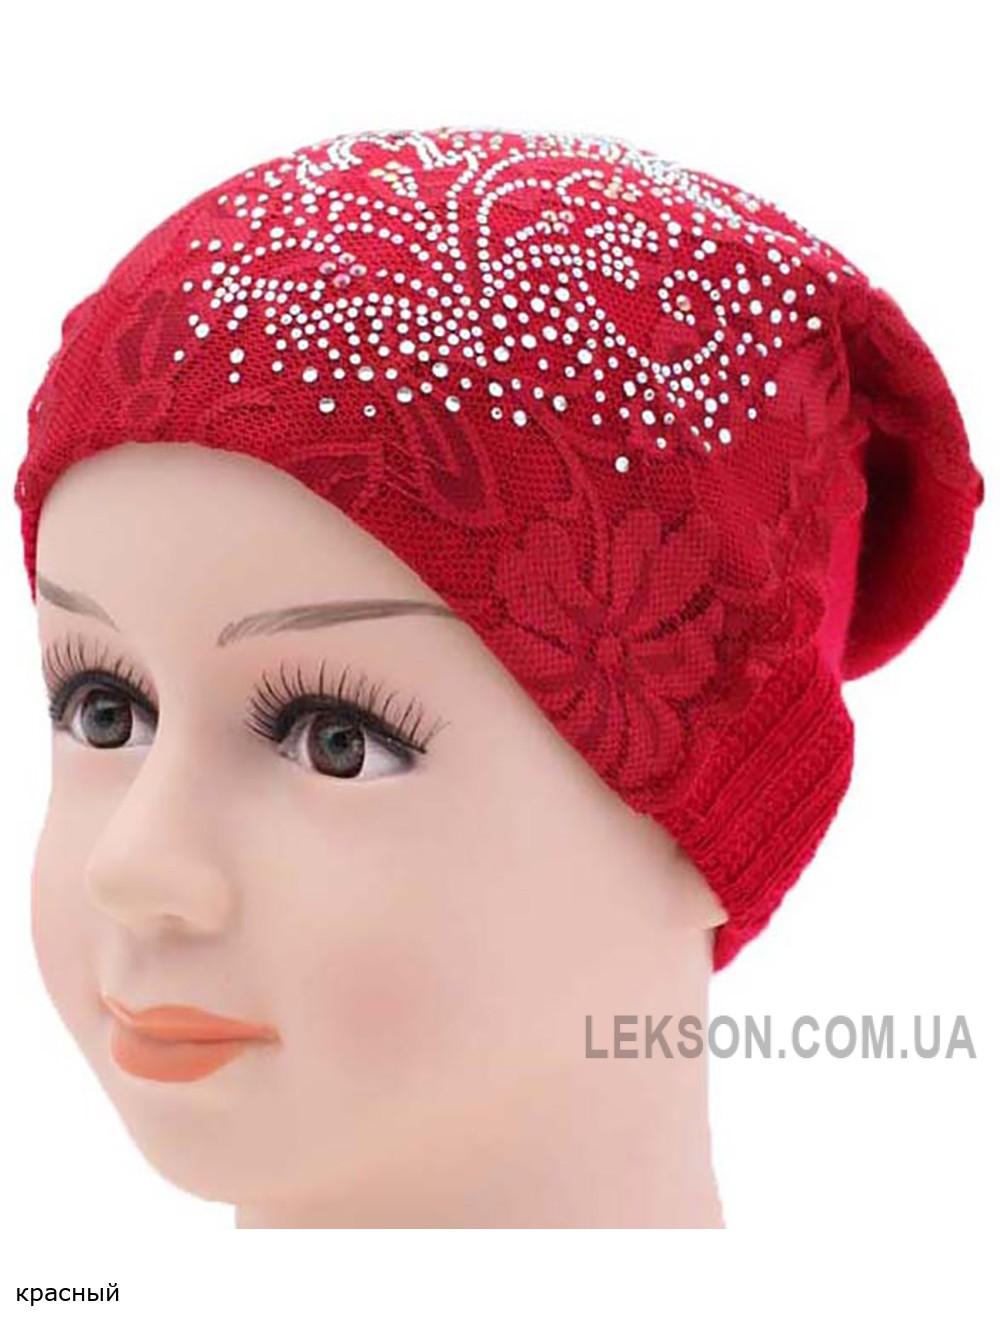 Детская вязаная шапка 128522-50-52